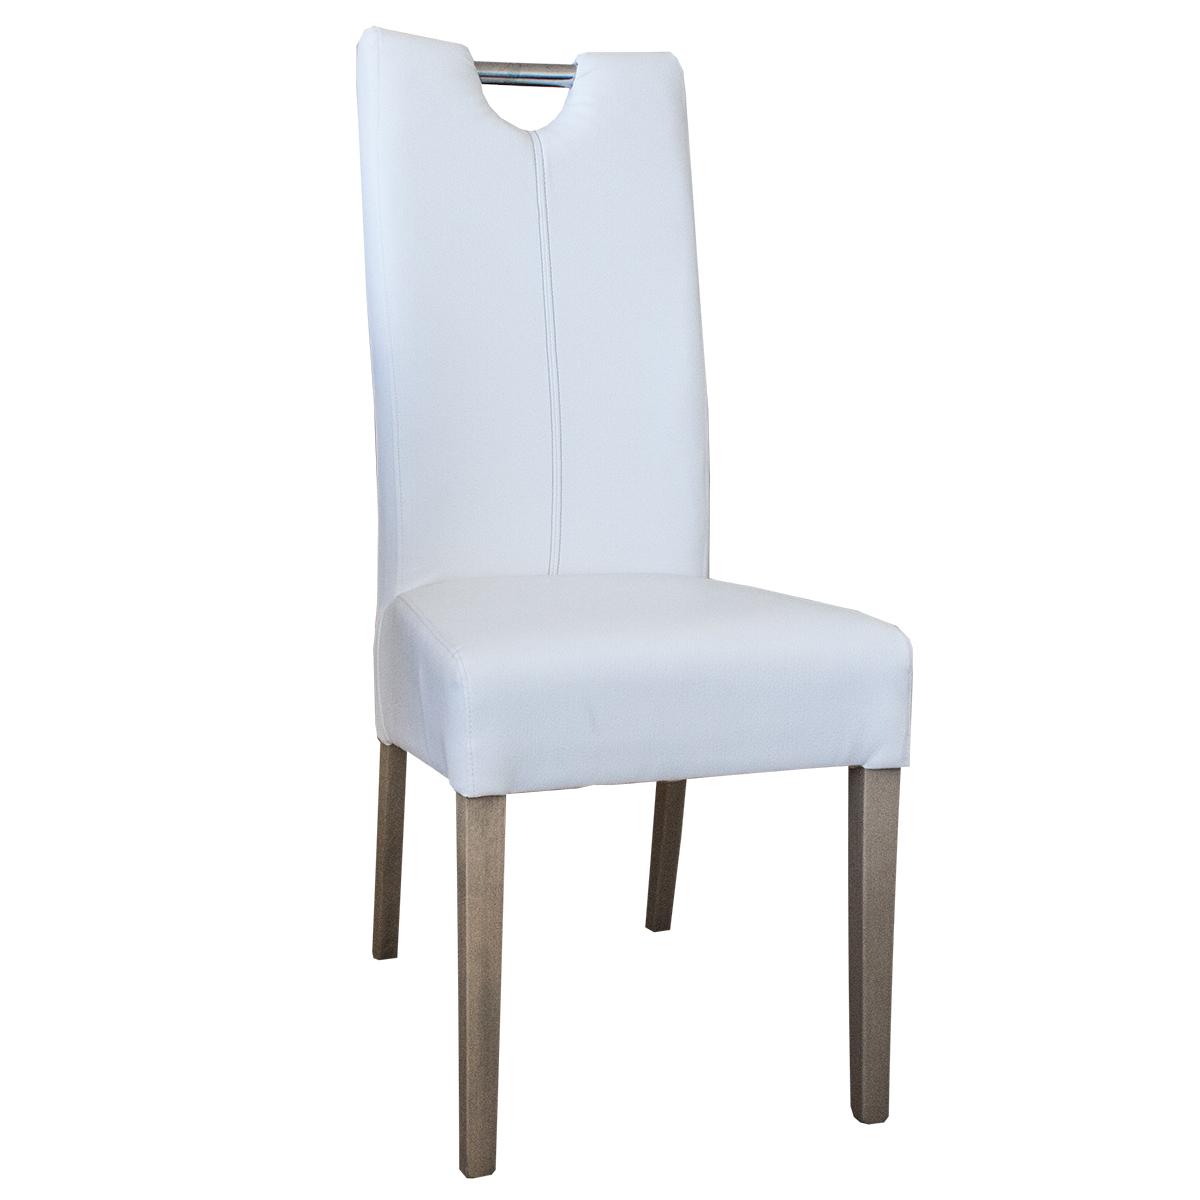 polsterstuhl l ttich mit hoher lehne moebel trend 24. Black Bedroom Furniture Sets. Home Design Ideas